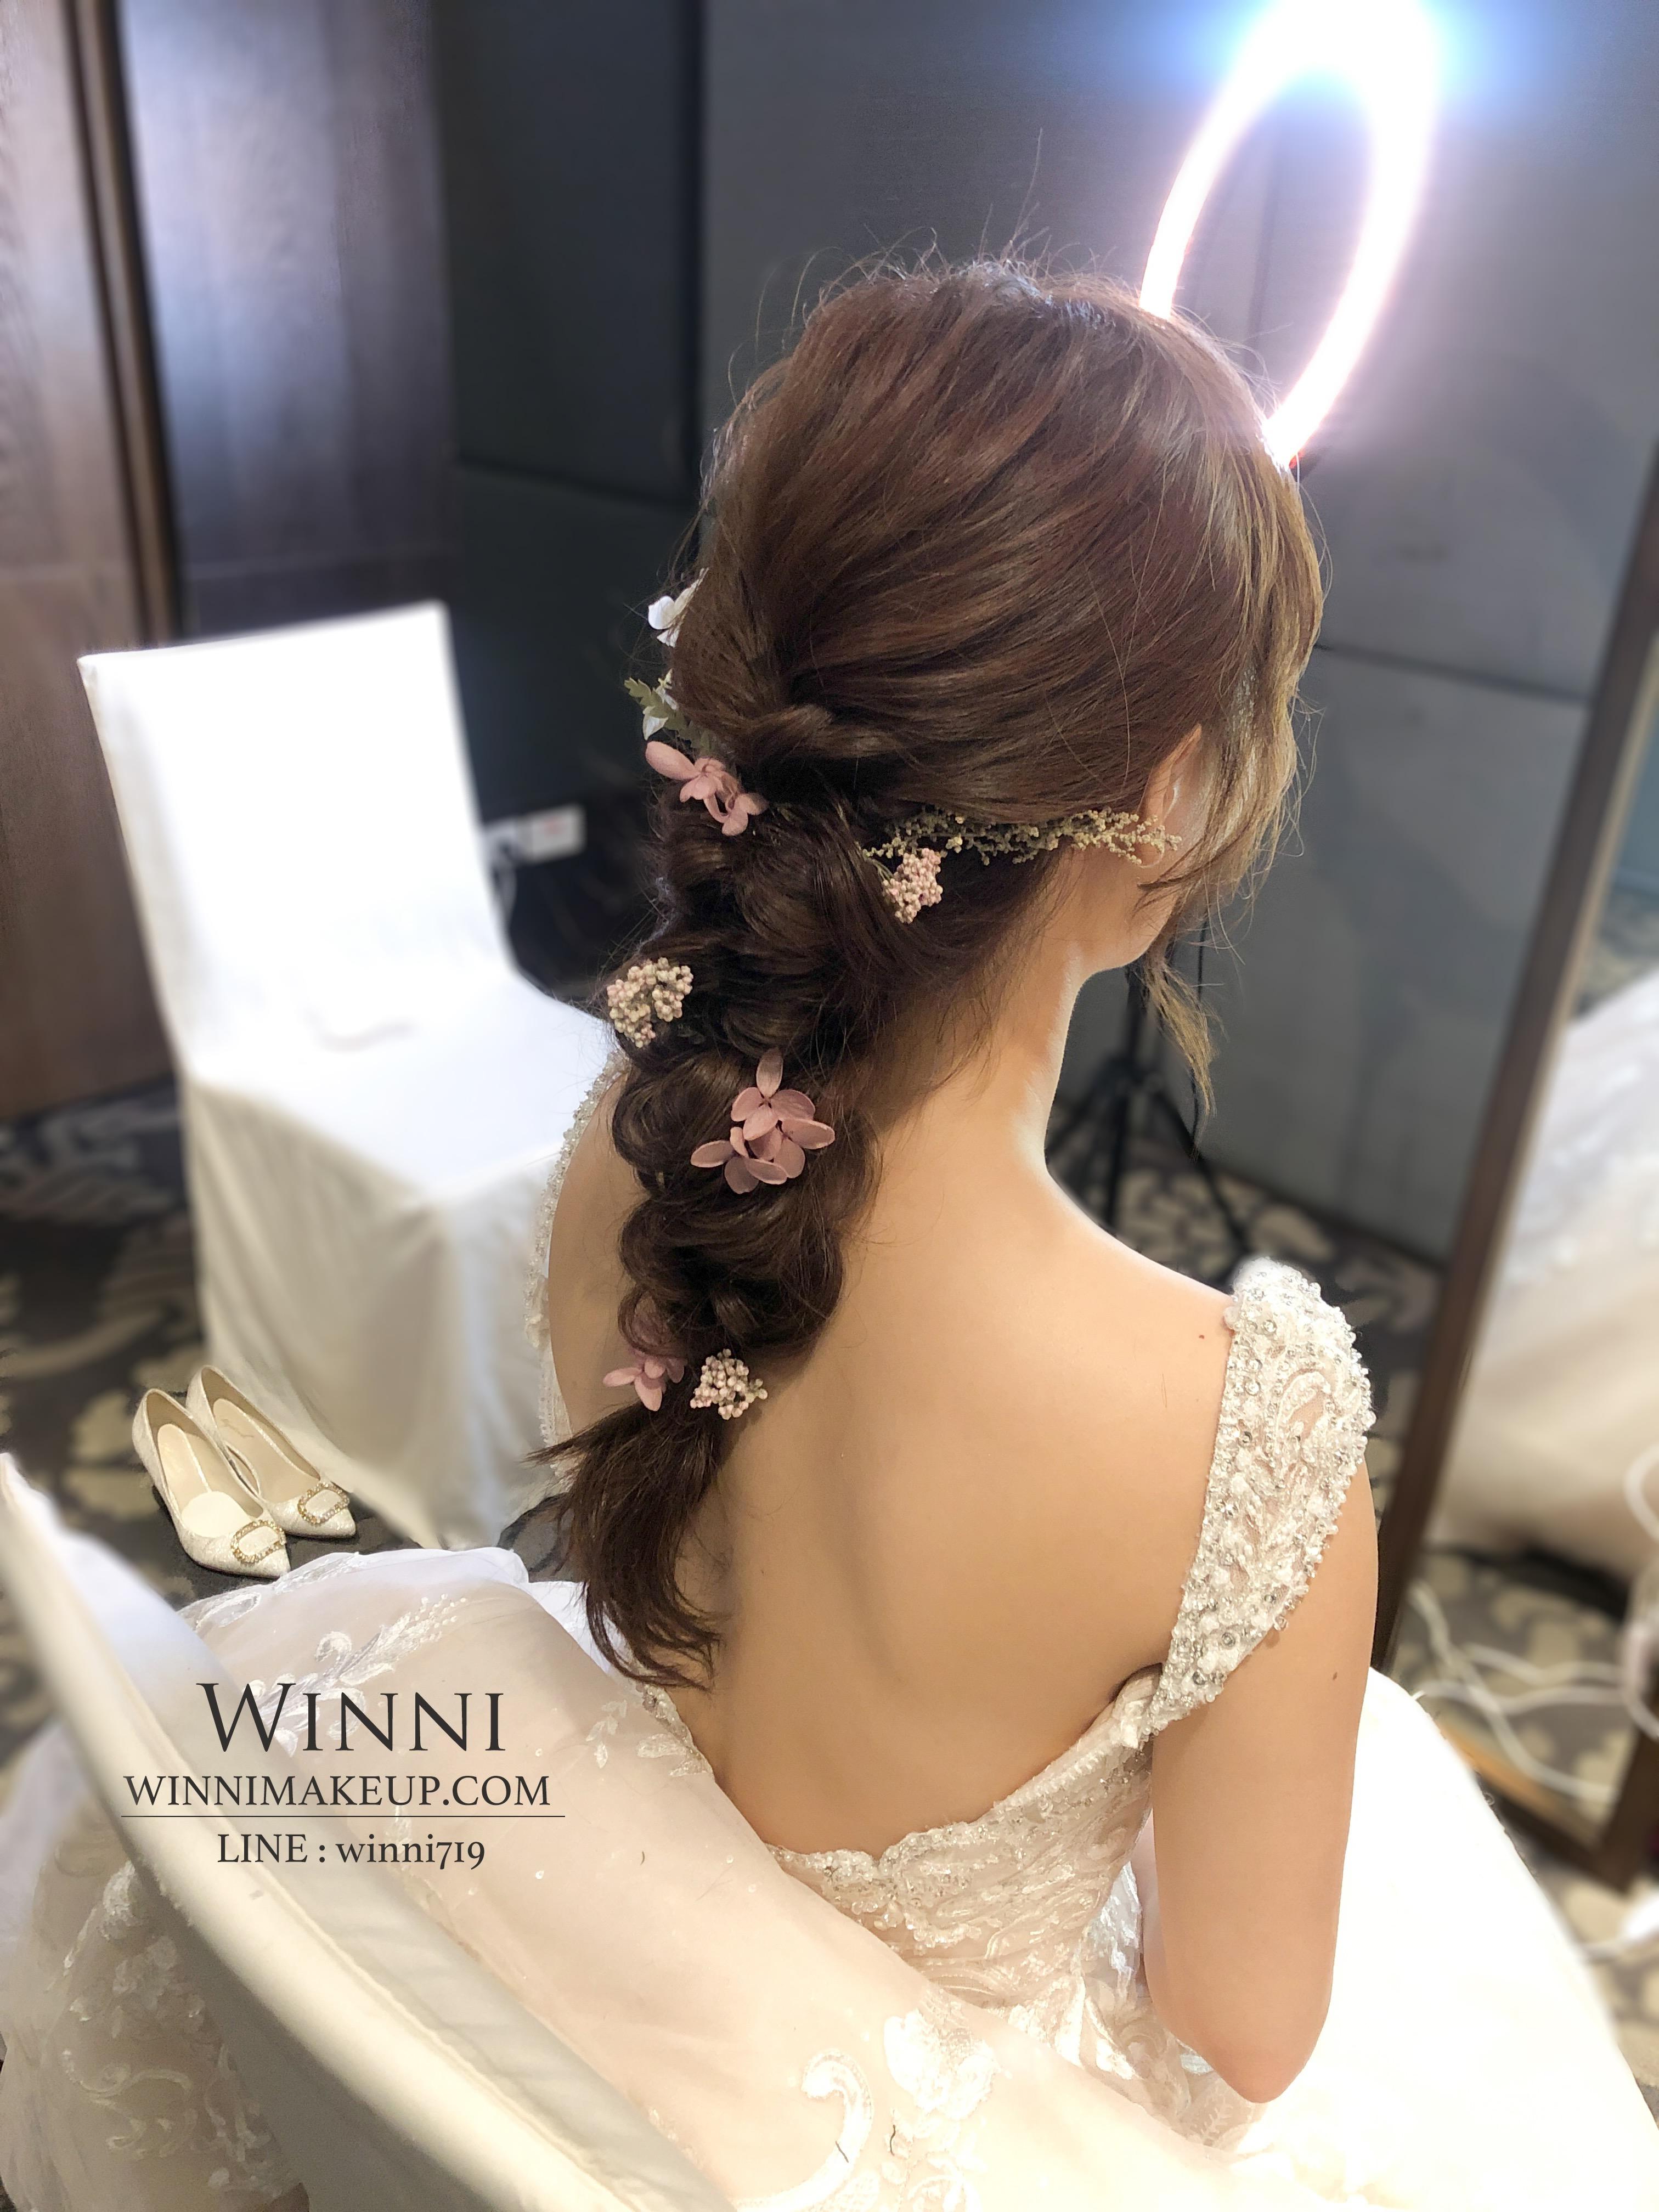 低馬尾造型-編髮造型-乾燥花新娘造型/winnimakeup